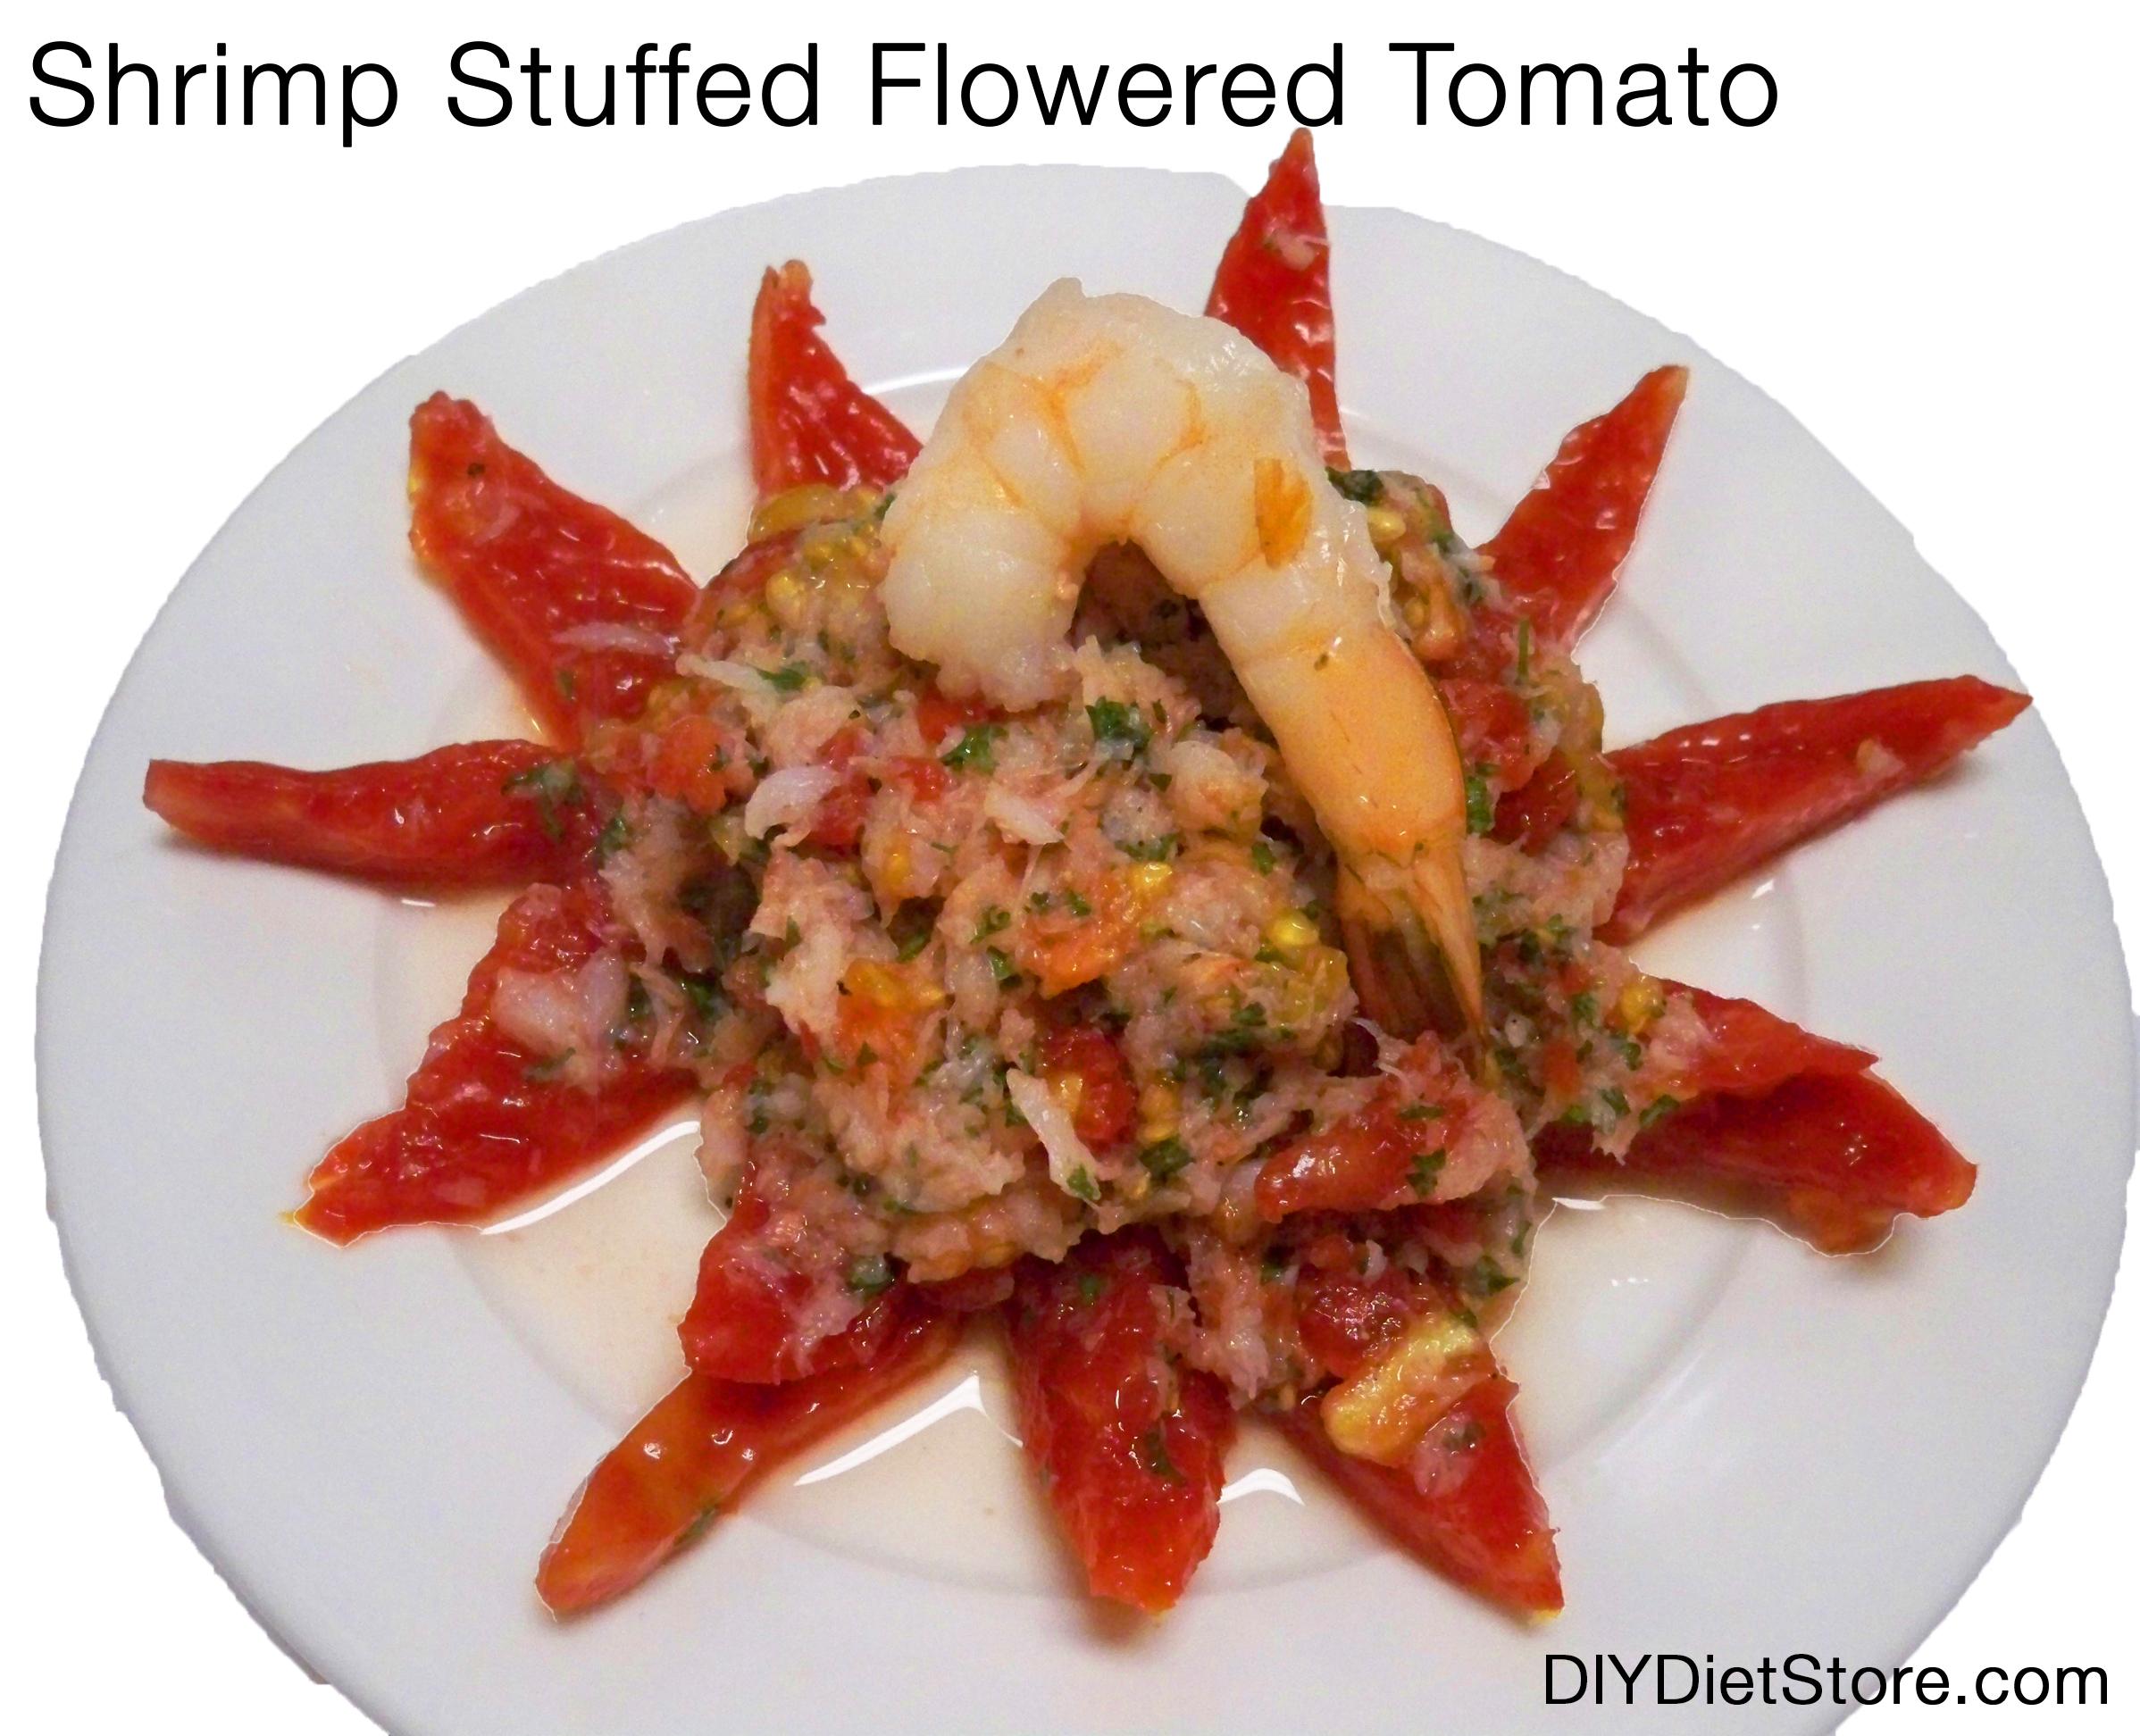 p2-shrimp-stuffed-flowered-tomato-dds.jpg